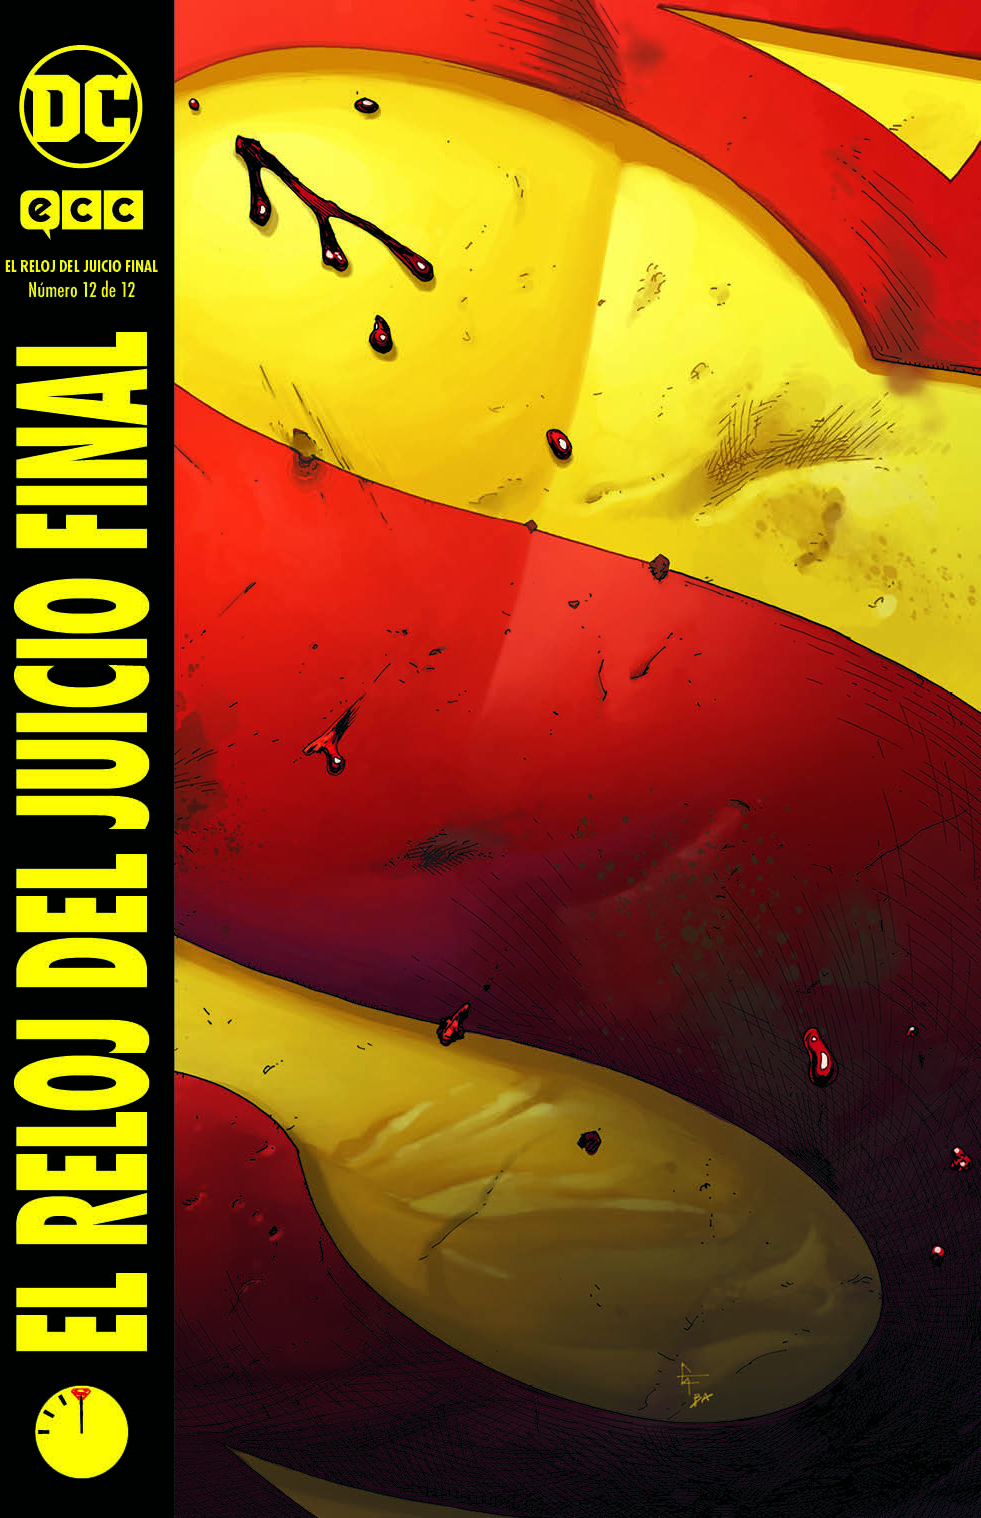 UN POCO DE NOVENO ARTE - Página 32 El_reloj_del_juicio_final_12_1a_cubierta